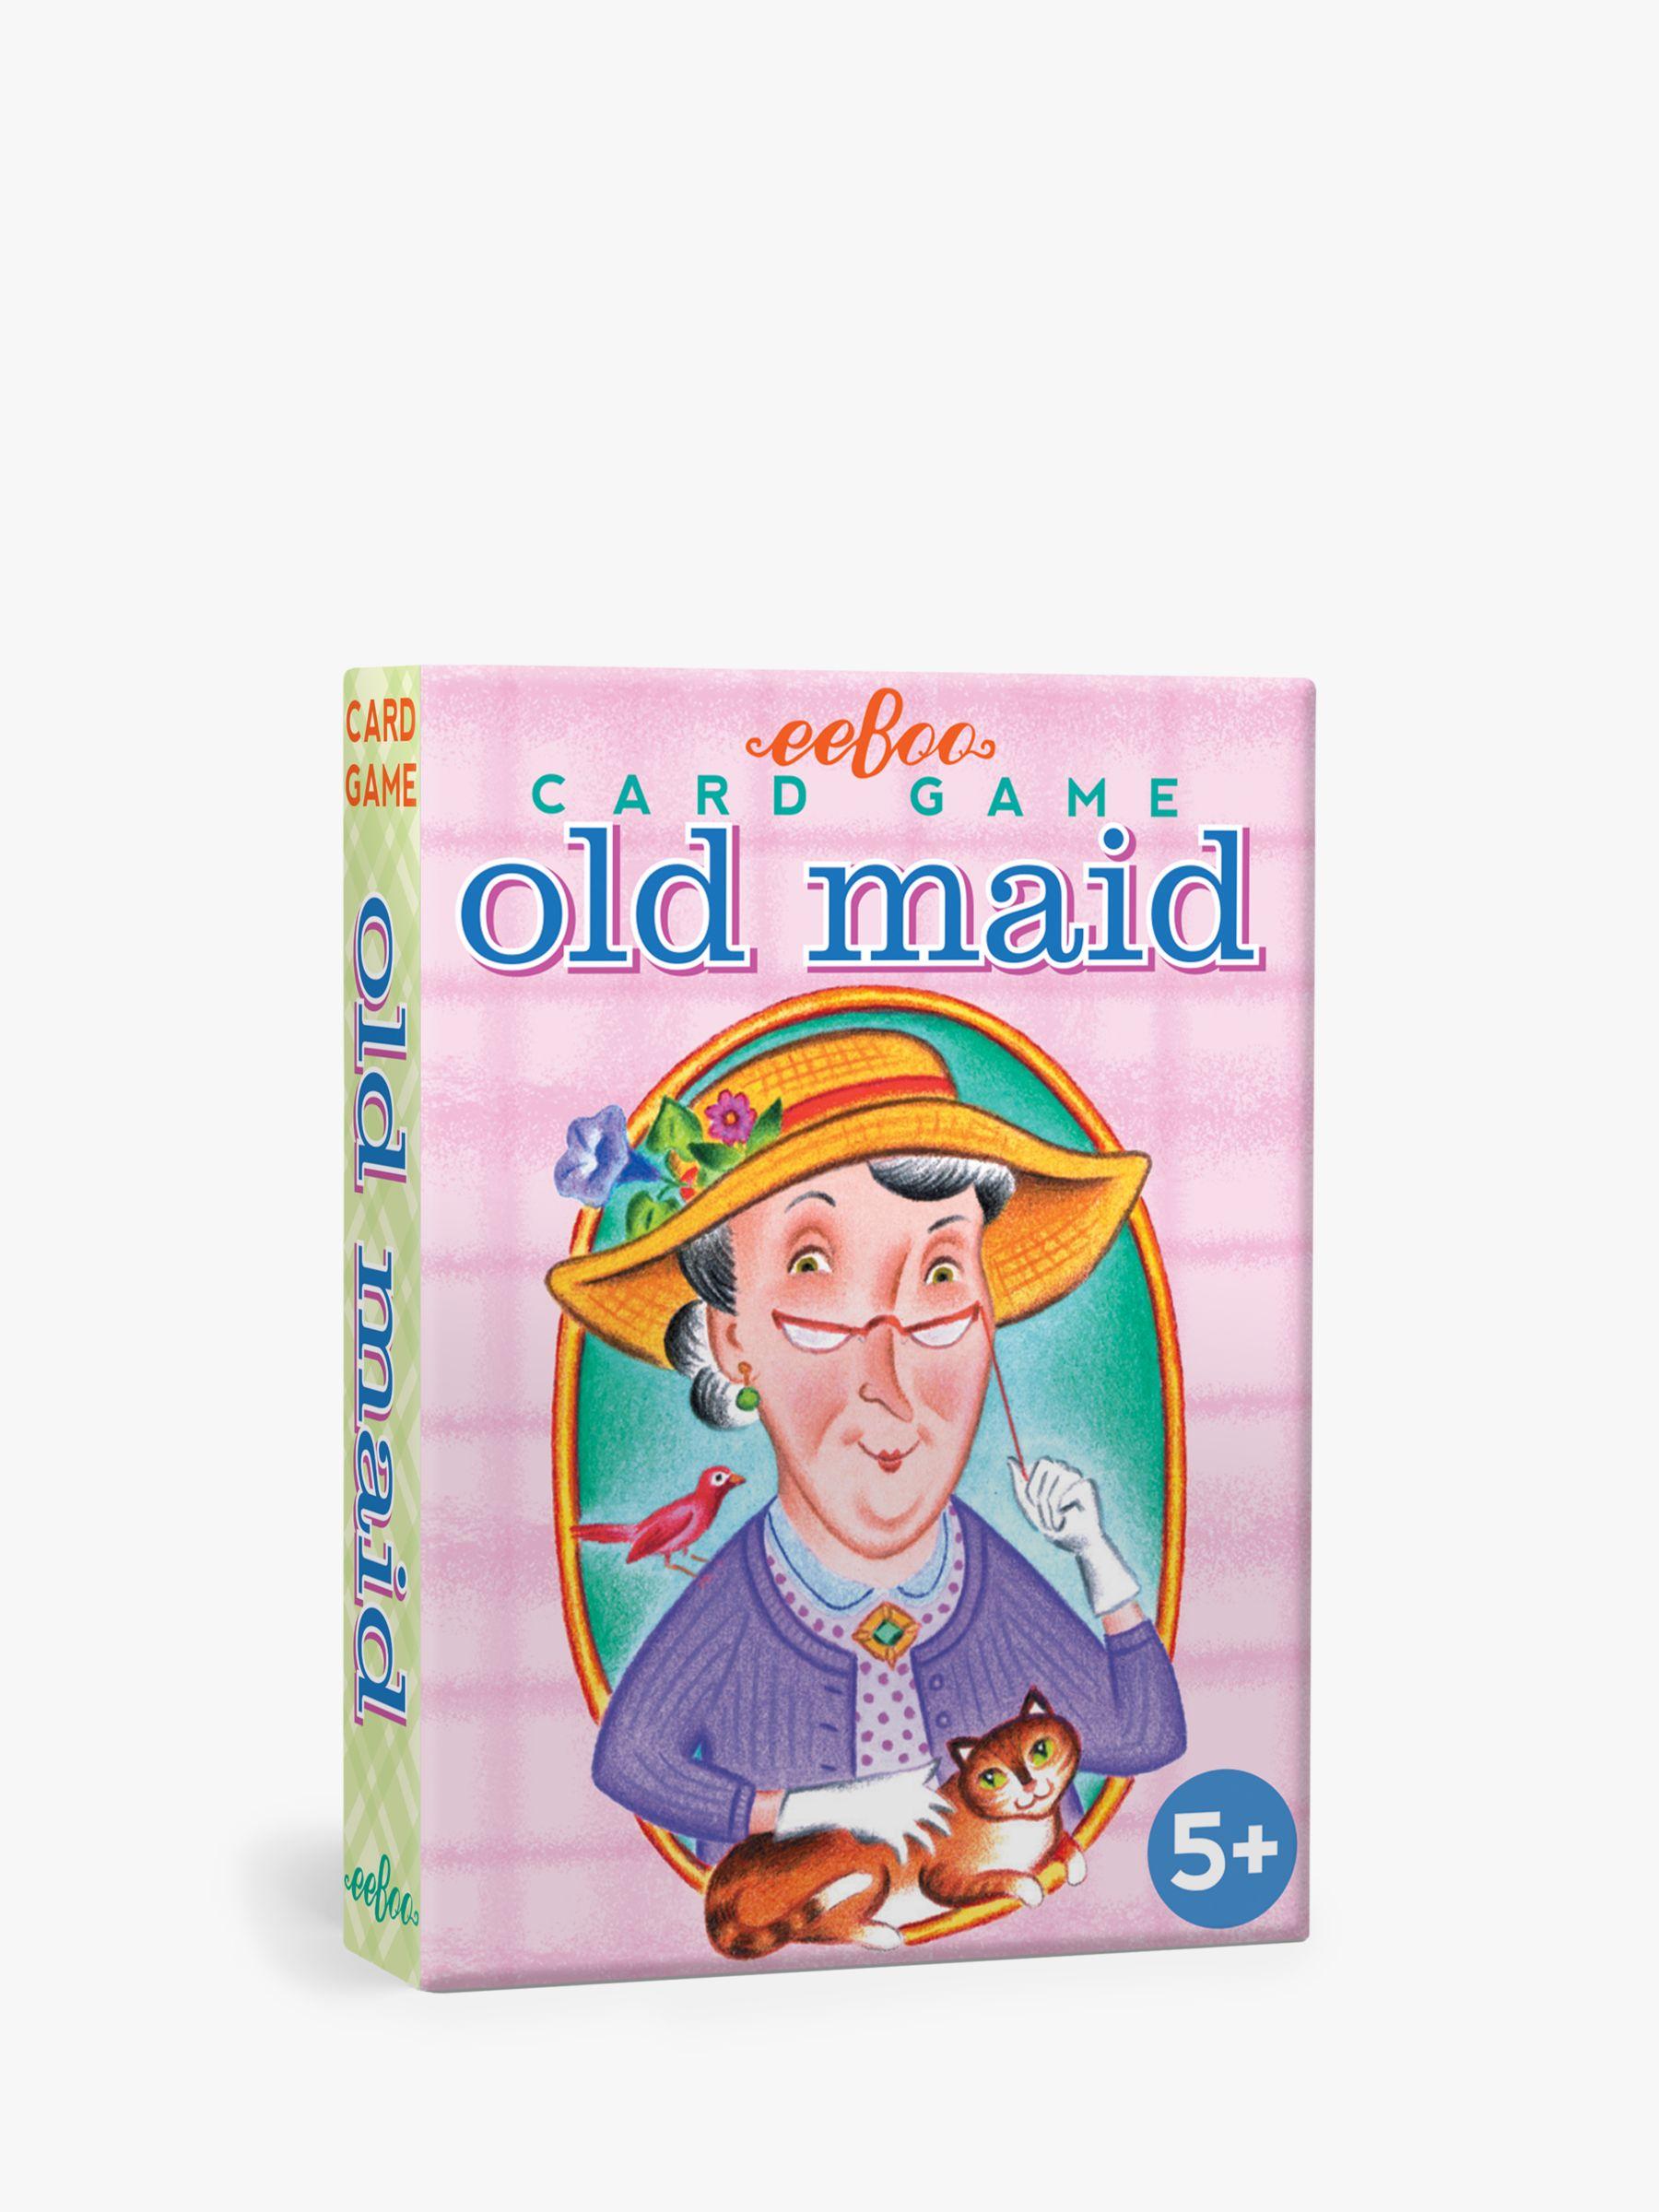 Eeboo eeBoo Old Maid Card Game